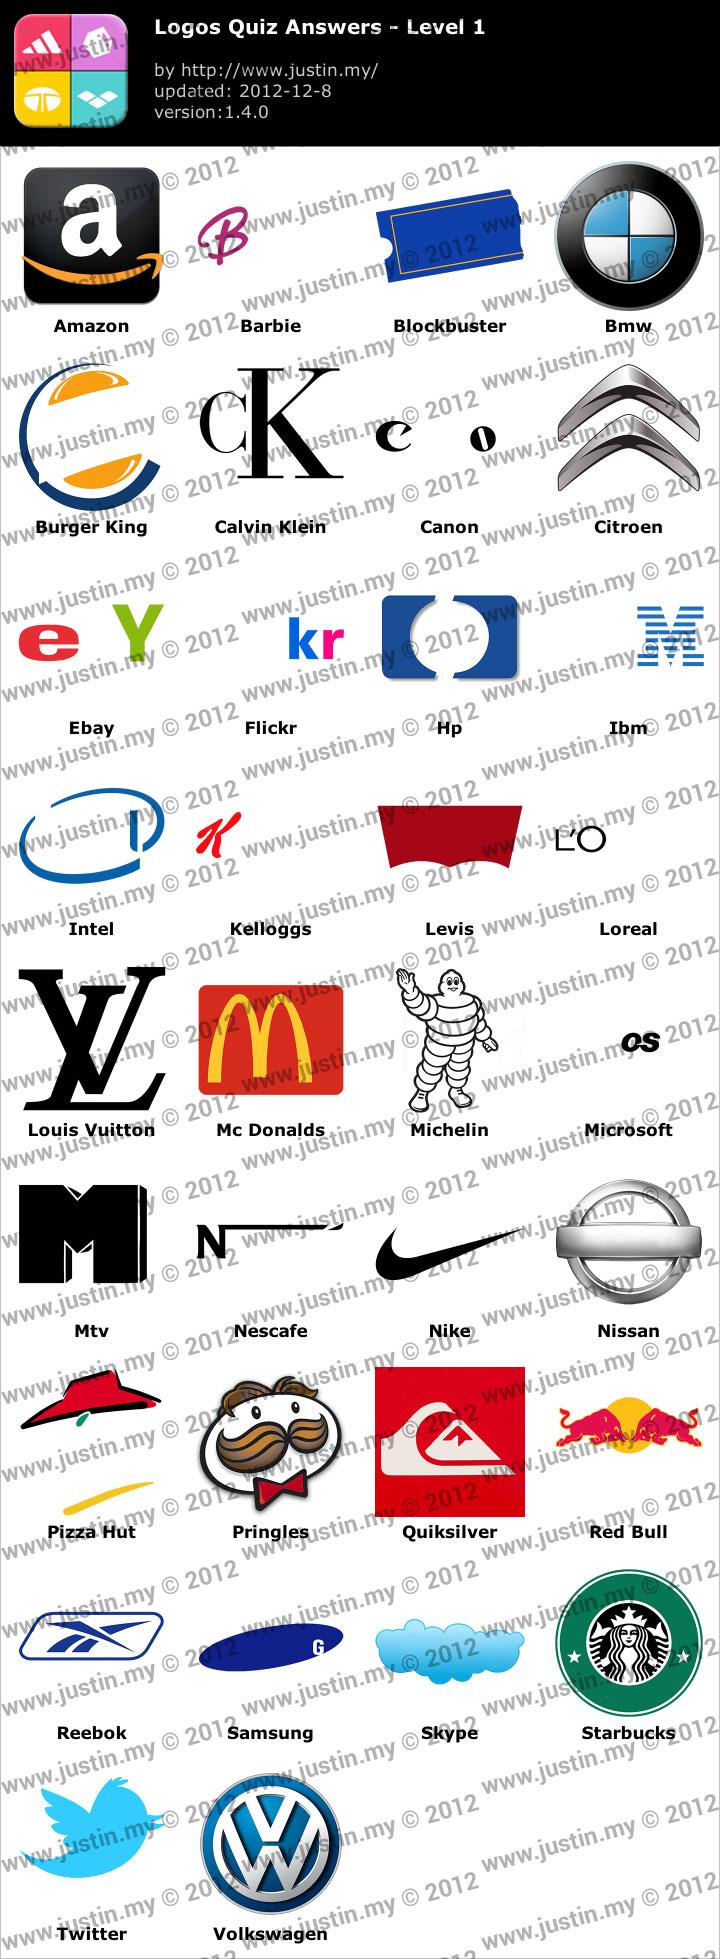 Logos Quiz Level 1